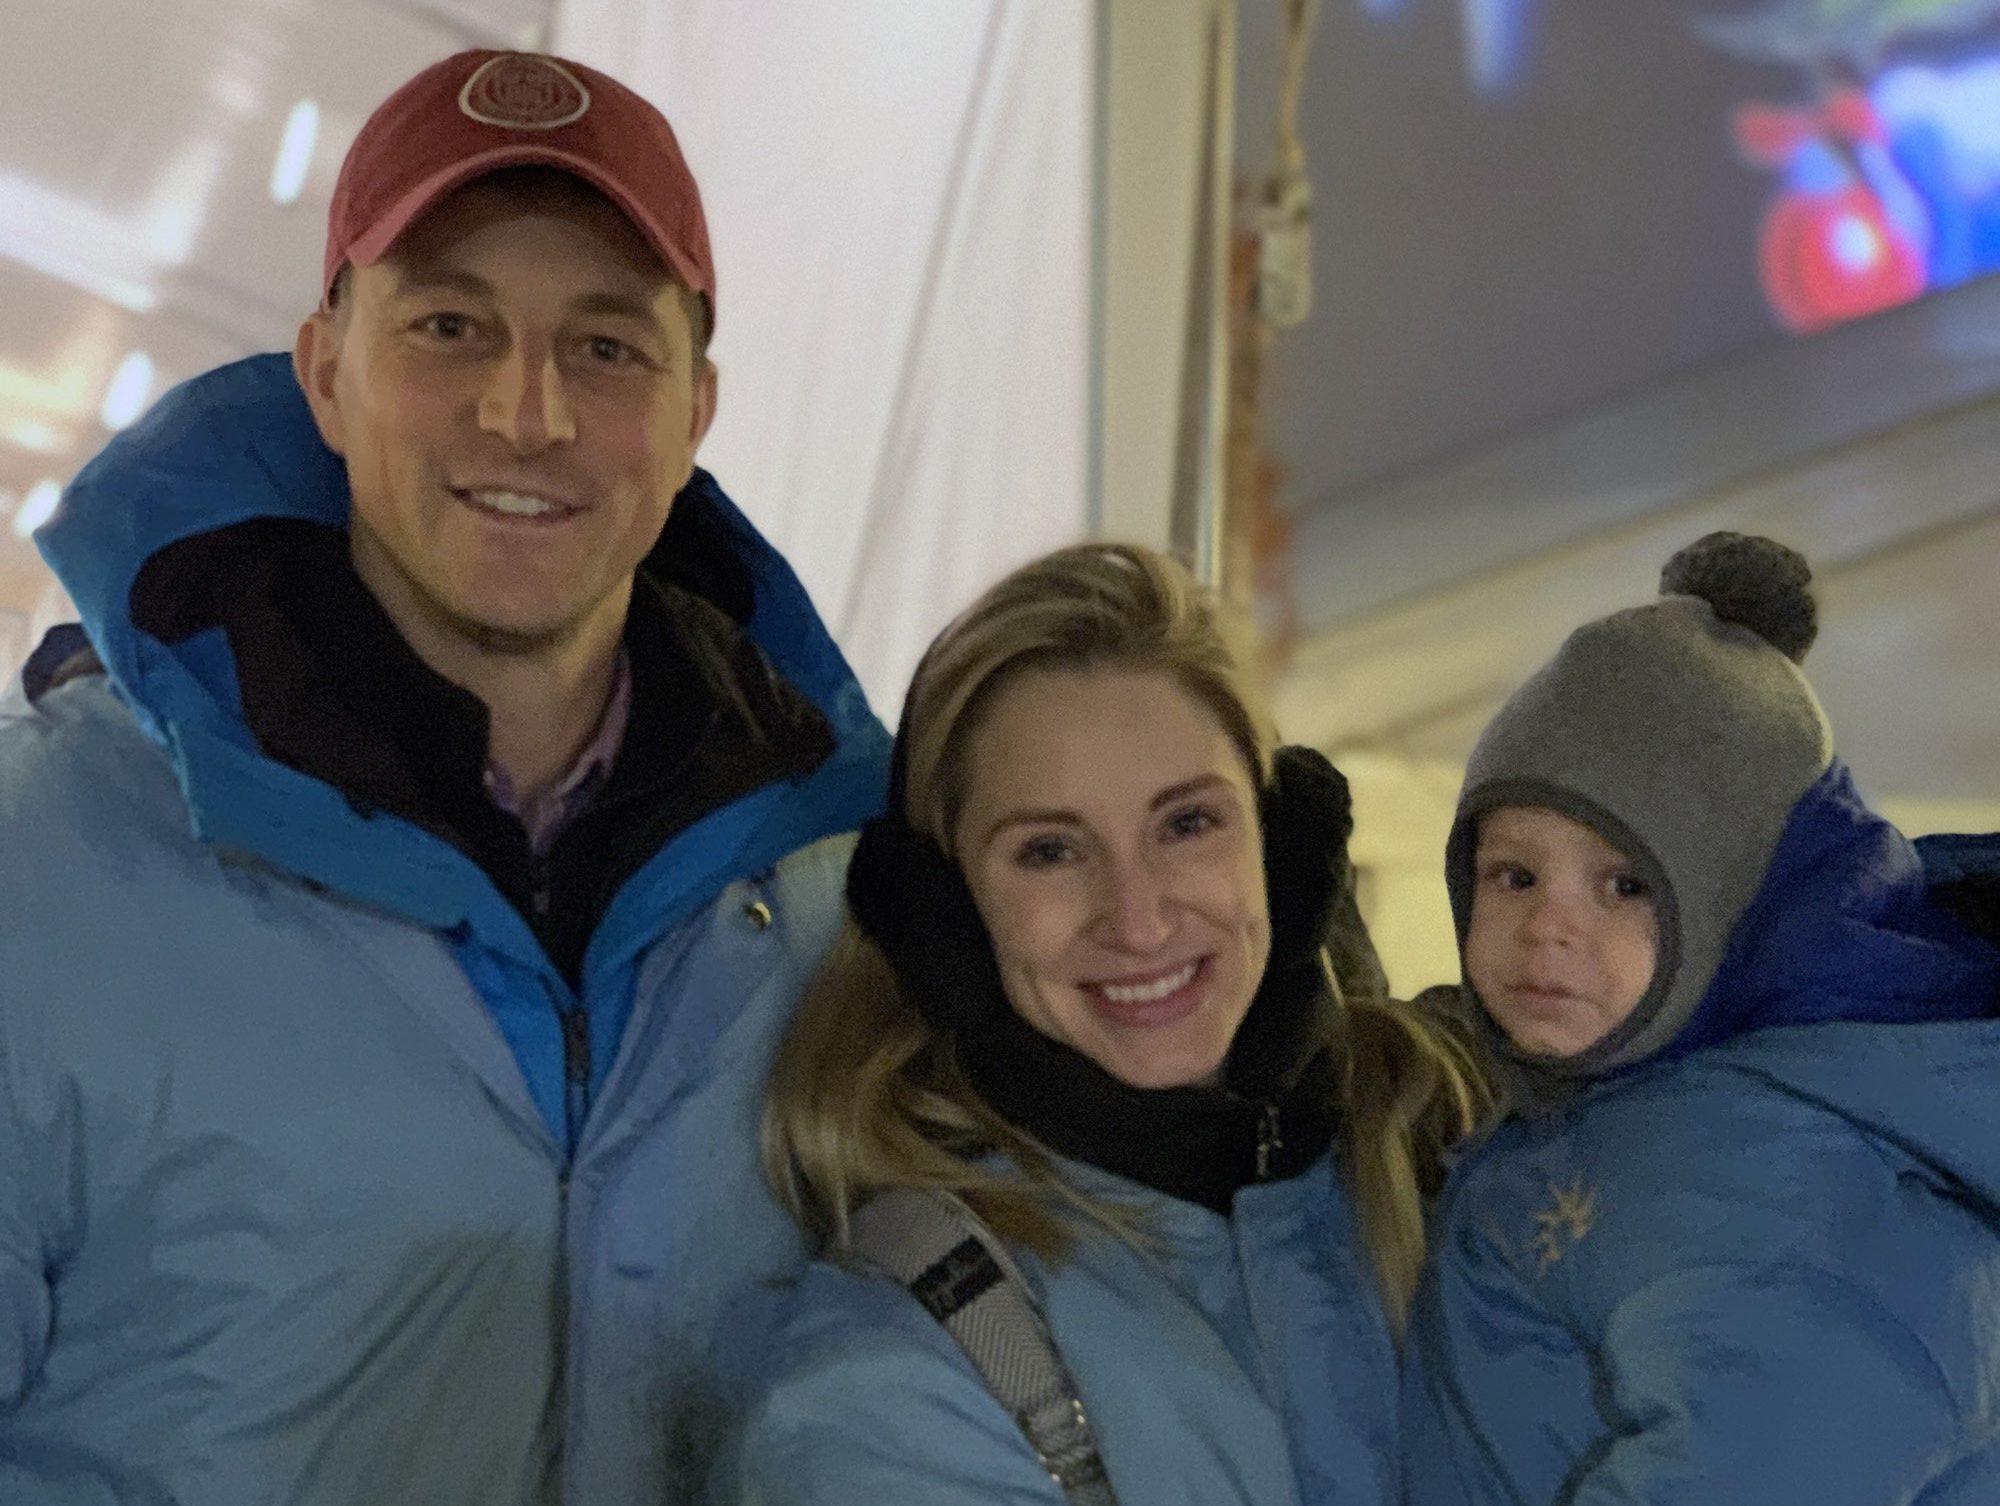 Eric Jones '04, Isabela Jones '08, and Atlas Jones (prospective member of the Class of 2039)